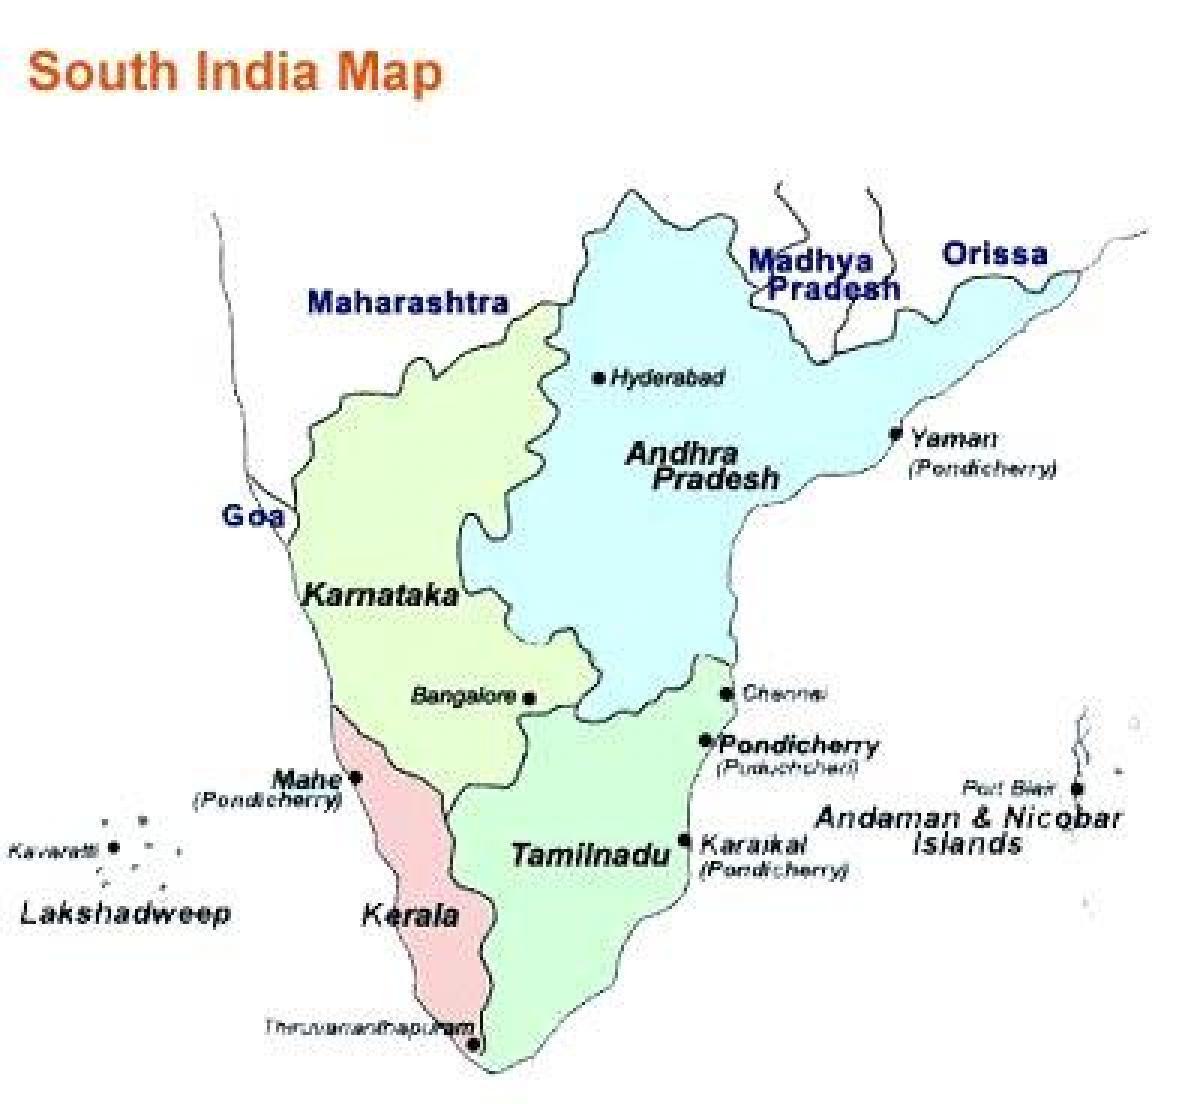 Sodra Indien Karta Med Stader Karta Over Sodra Indien Med Stader